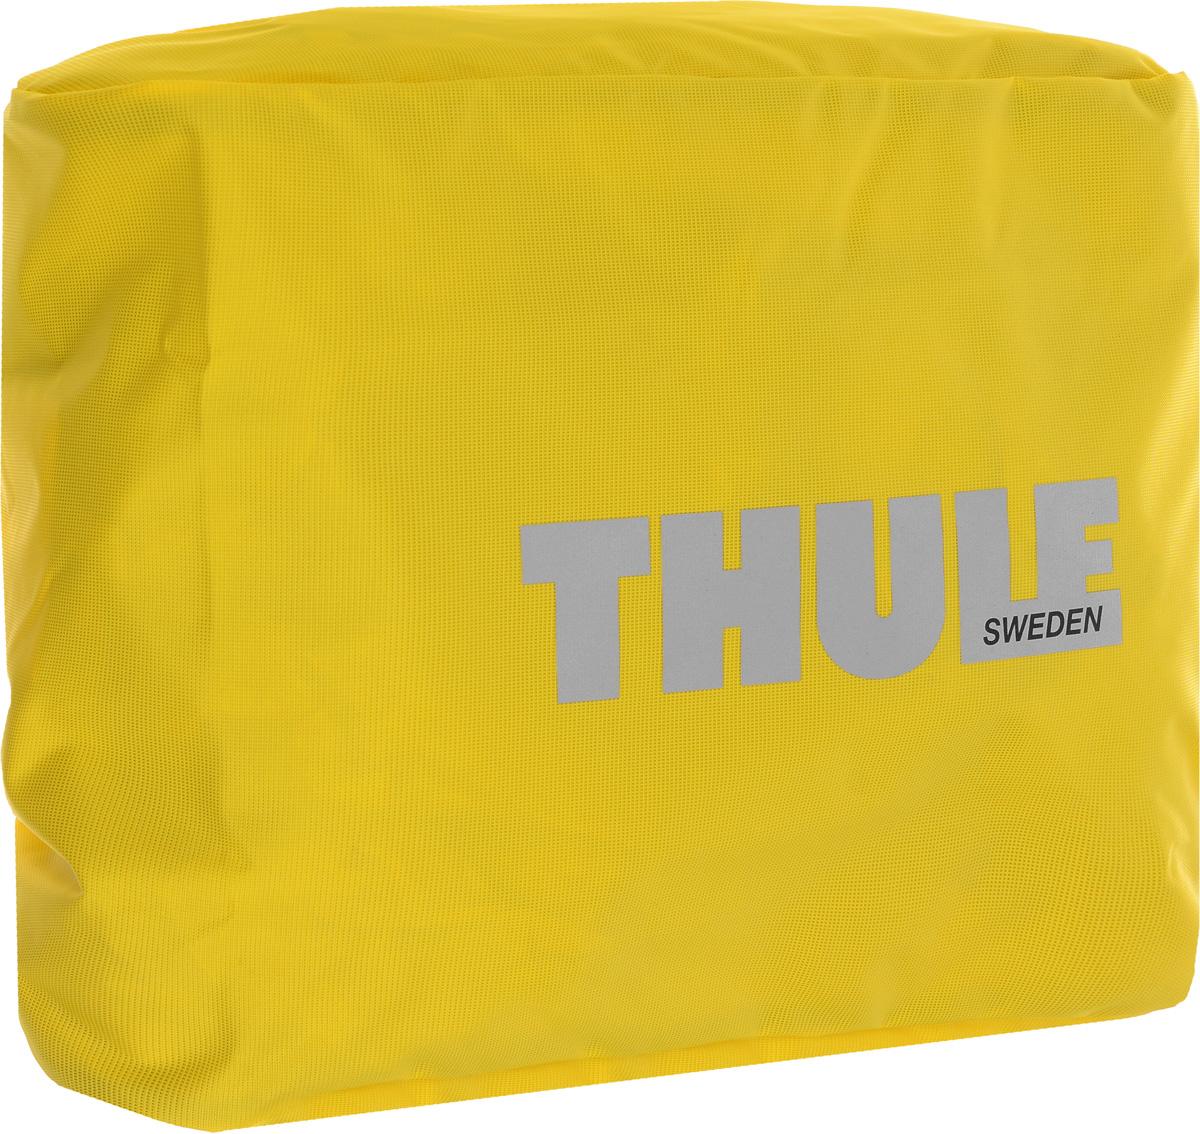 Чехол-дождевик для сумки Thule Pannier, цвет: желтый1000406Чехол-дождевик для сумки Thule Pannier предназначен для использования с велосипедными сумками Thule Packn Pedal Large Pannier. Чехол выполнен из прочного водонепроницаемого материала. Благодаря эластичной резинке легко и просто одевается на сумку. С таким чехлом ваша велосипедная сумка не промокнет, и все содержимое останется сухим.